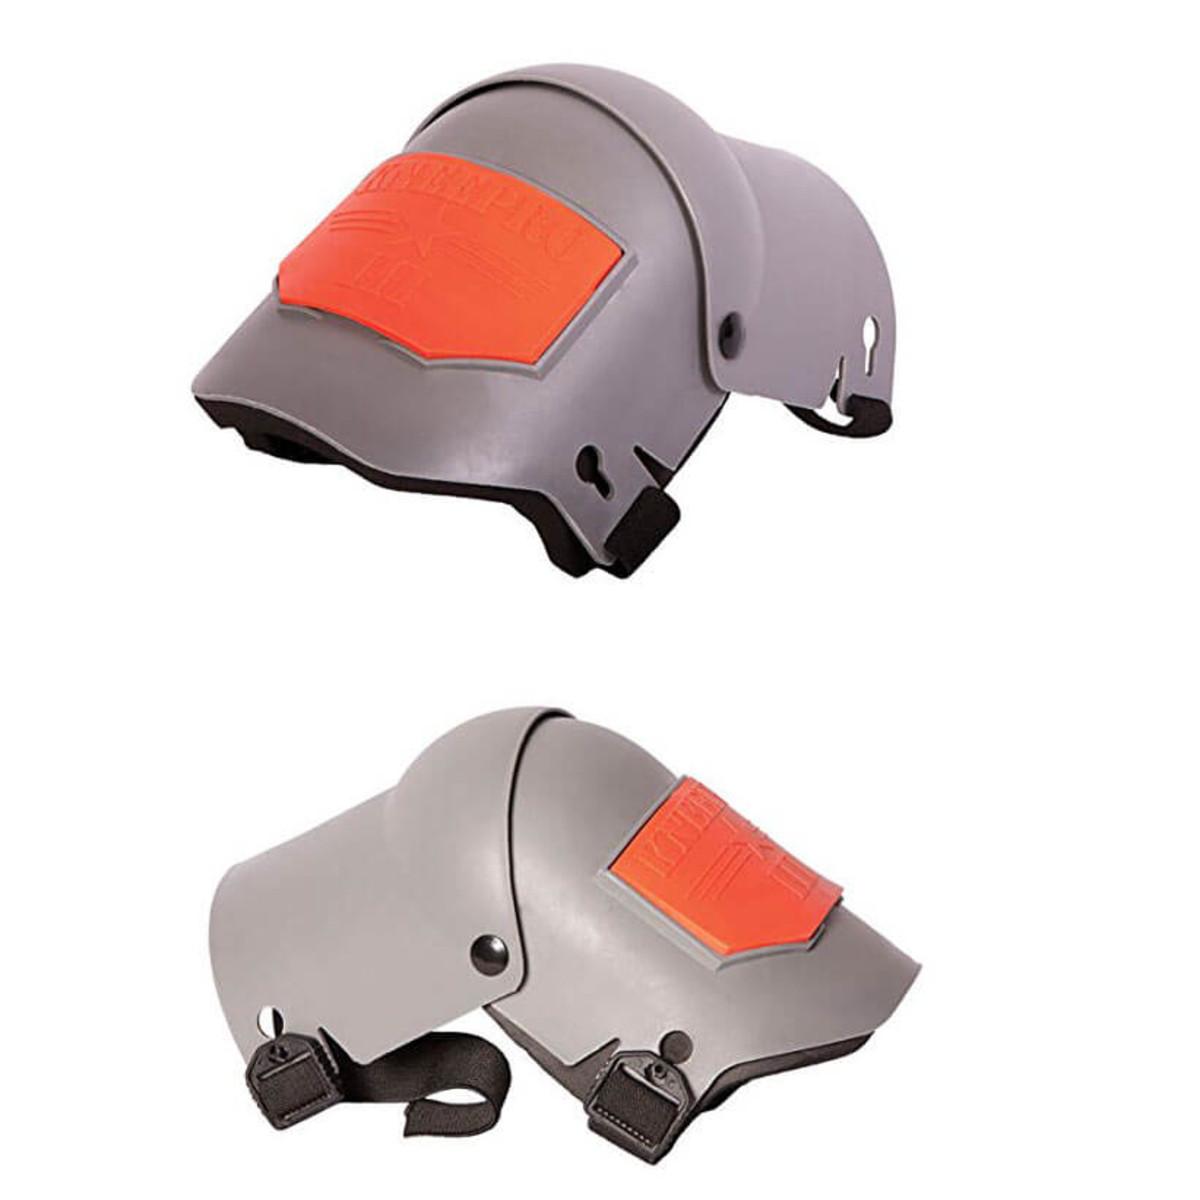 KP Industries Flex 3 Knee Pads